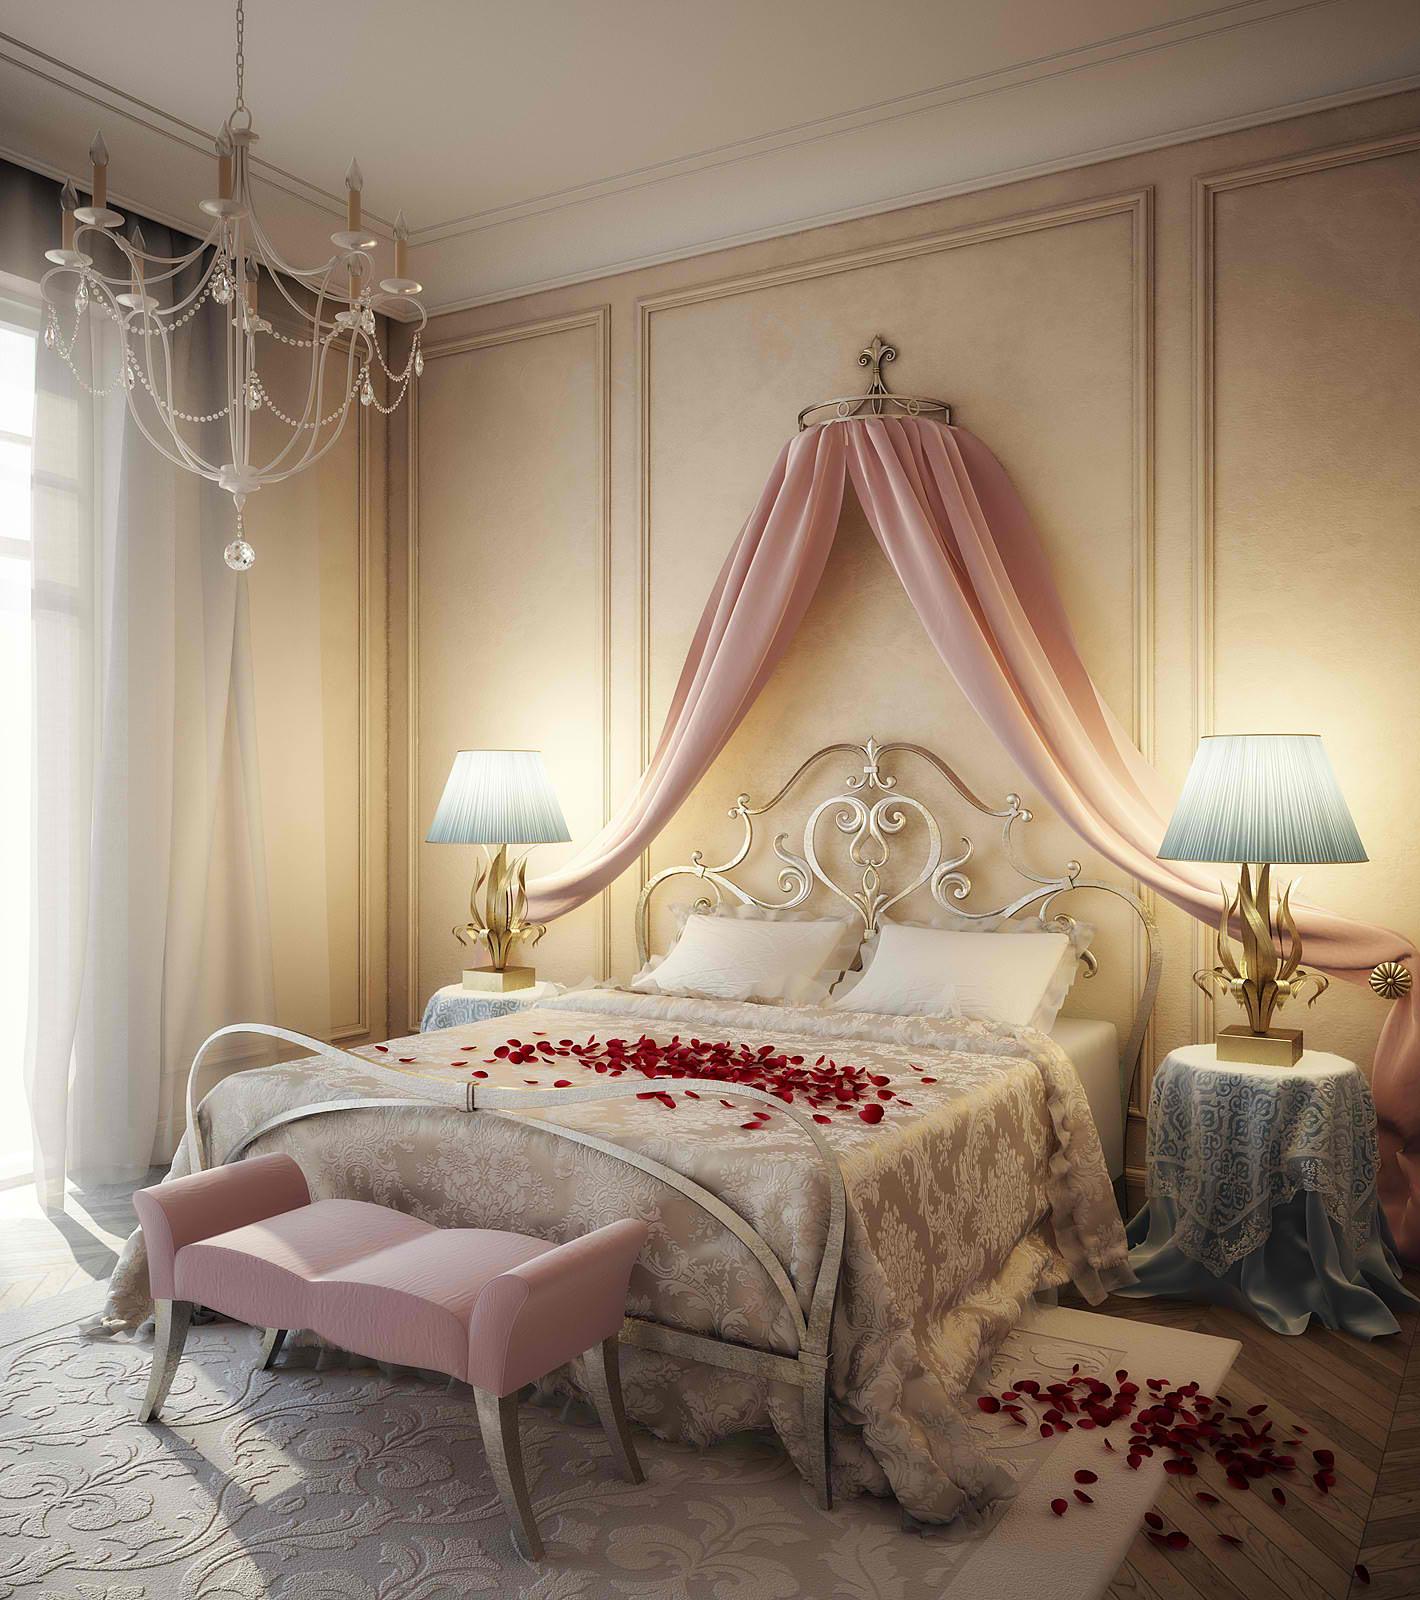 Romantic Bedroom Design photo - 1